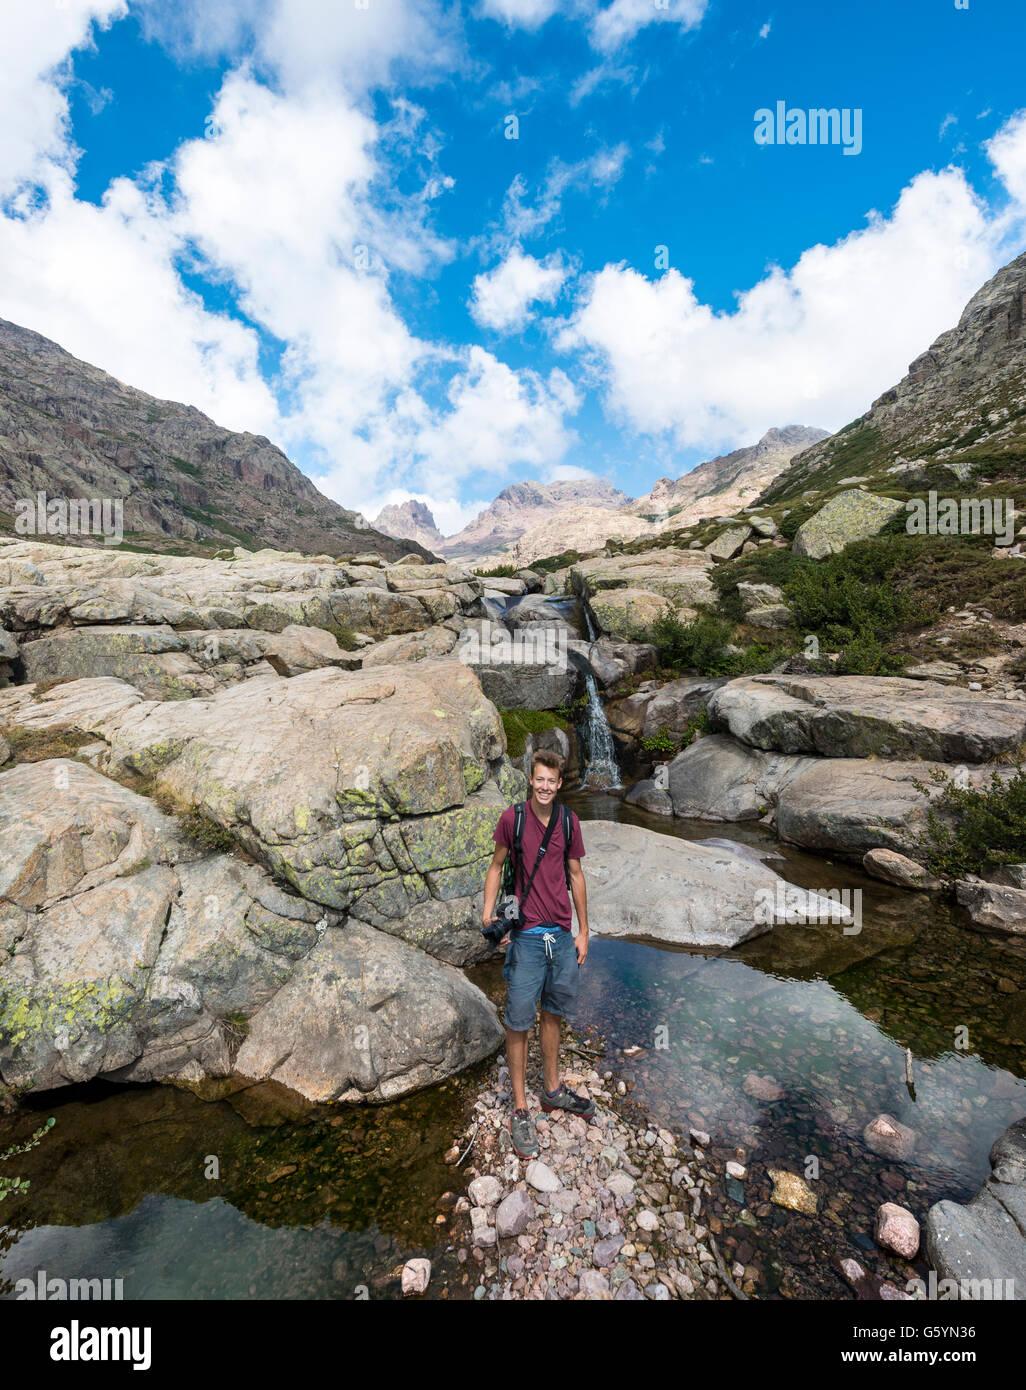 Giovane uomo in piedi in una piscina con una piccola cascata in montagna, fiume Golo, Parco Naturale della Corsica Immagini Stock